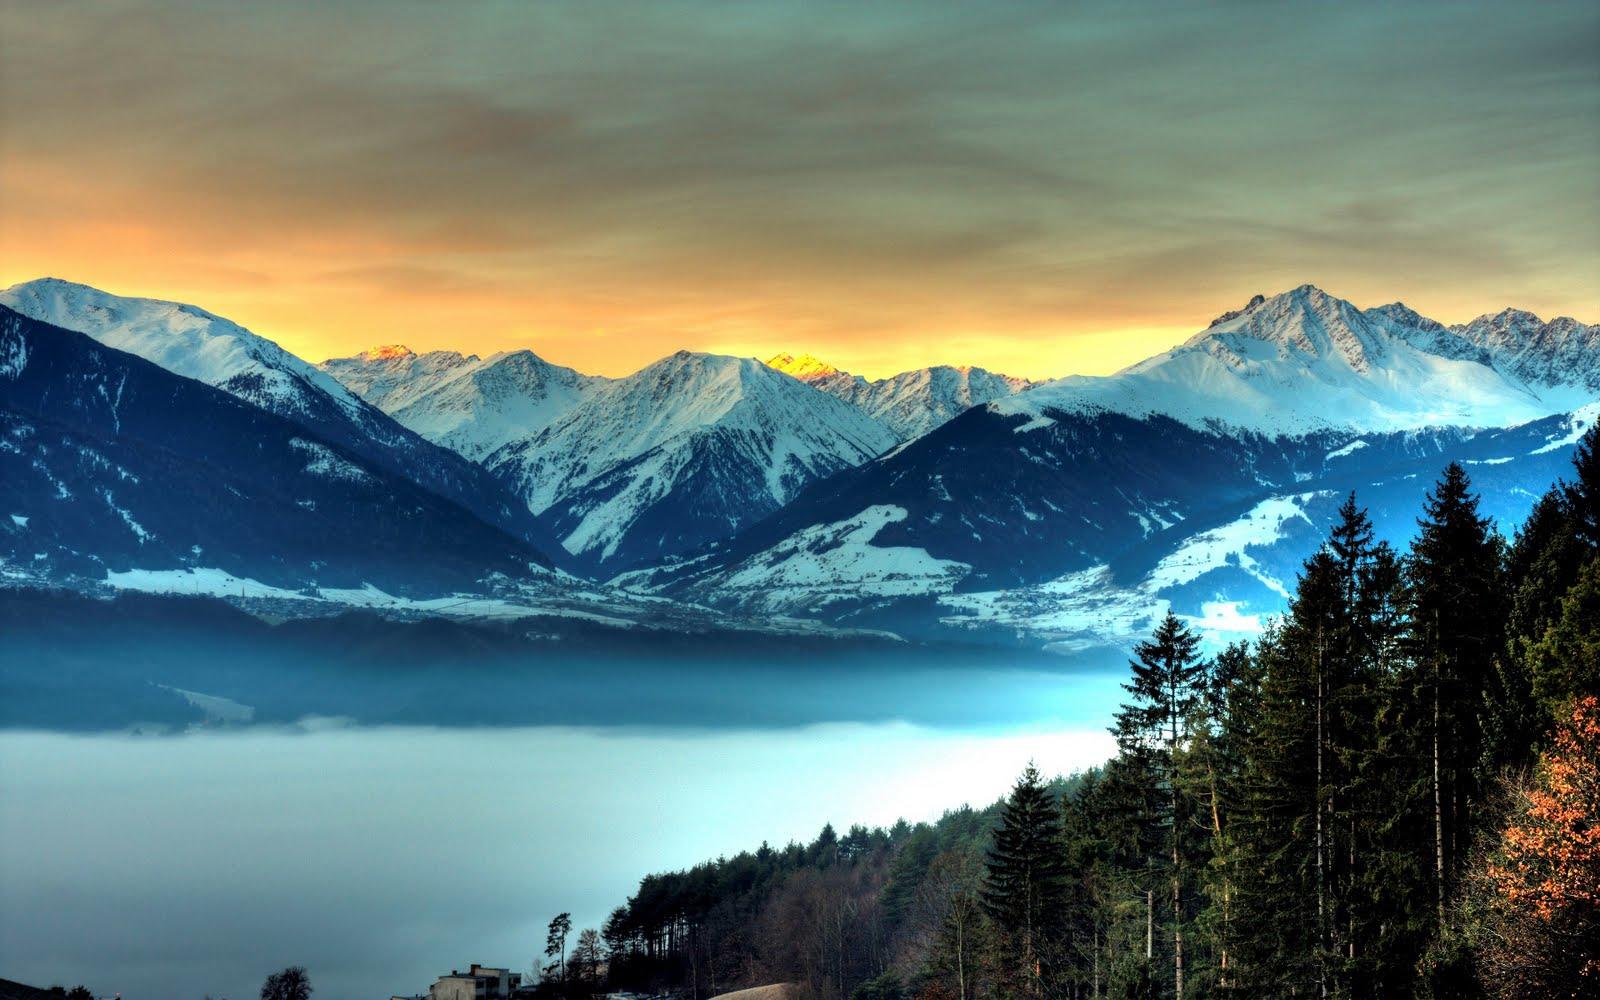 Best Hd Wallpapers: Best Desktop HD Wallpaper: Landscap HD Wallpaper